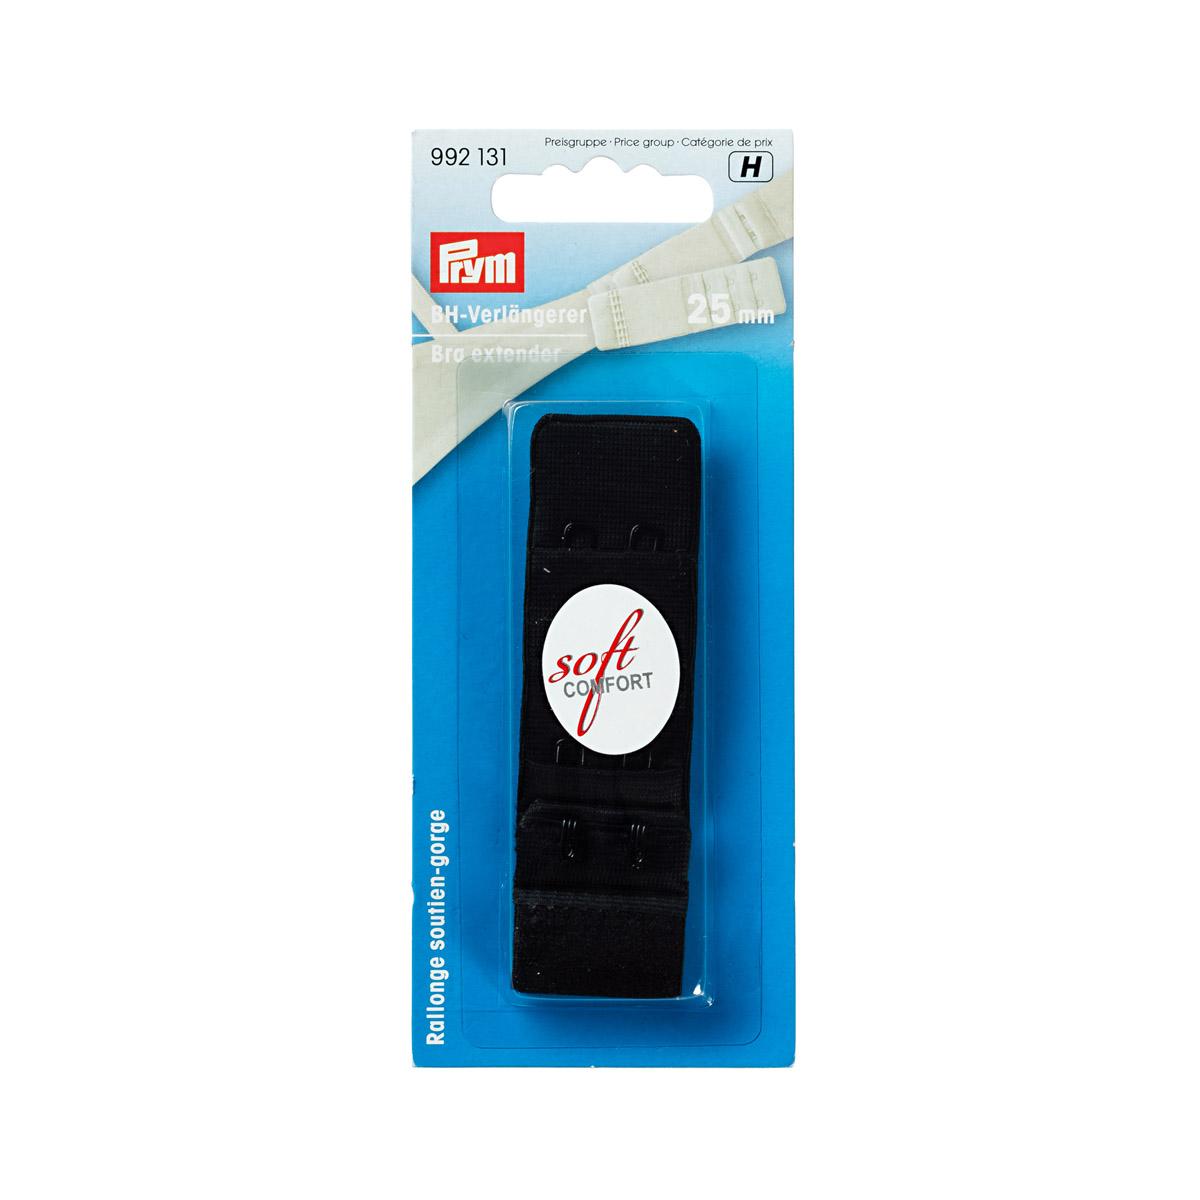 992131 Удлинитель застежки бюстгальтера, черный, 25 мм, 3*2 крючка, Prym